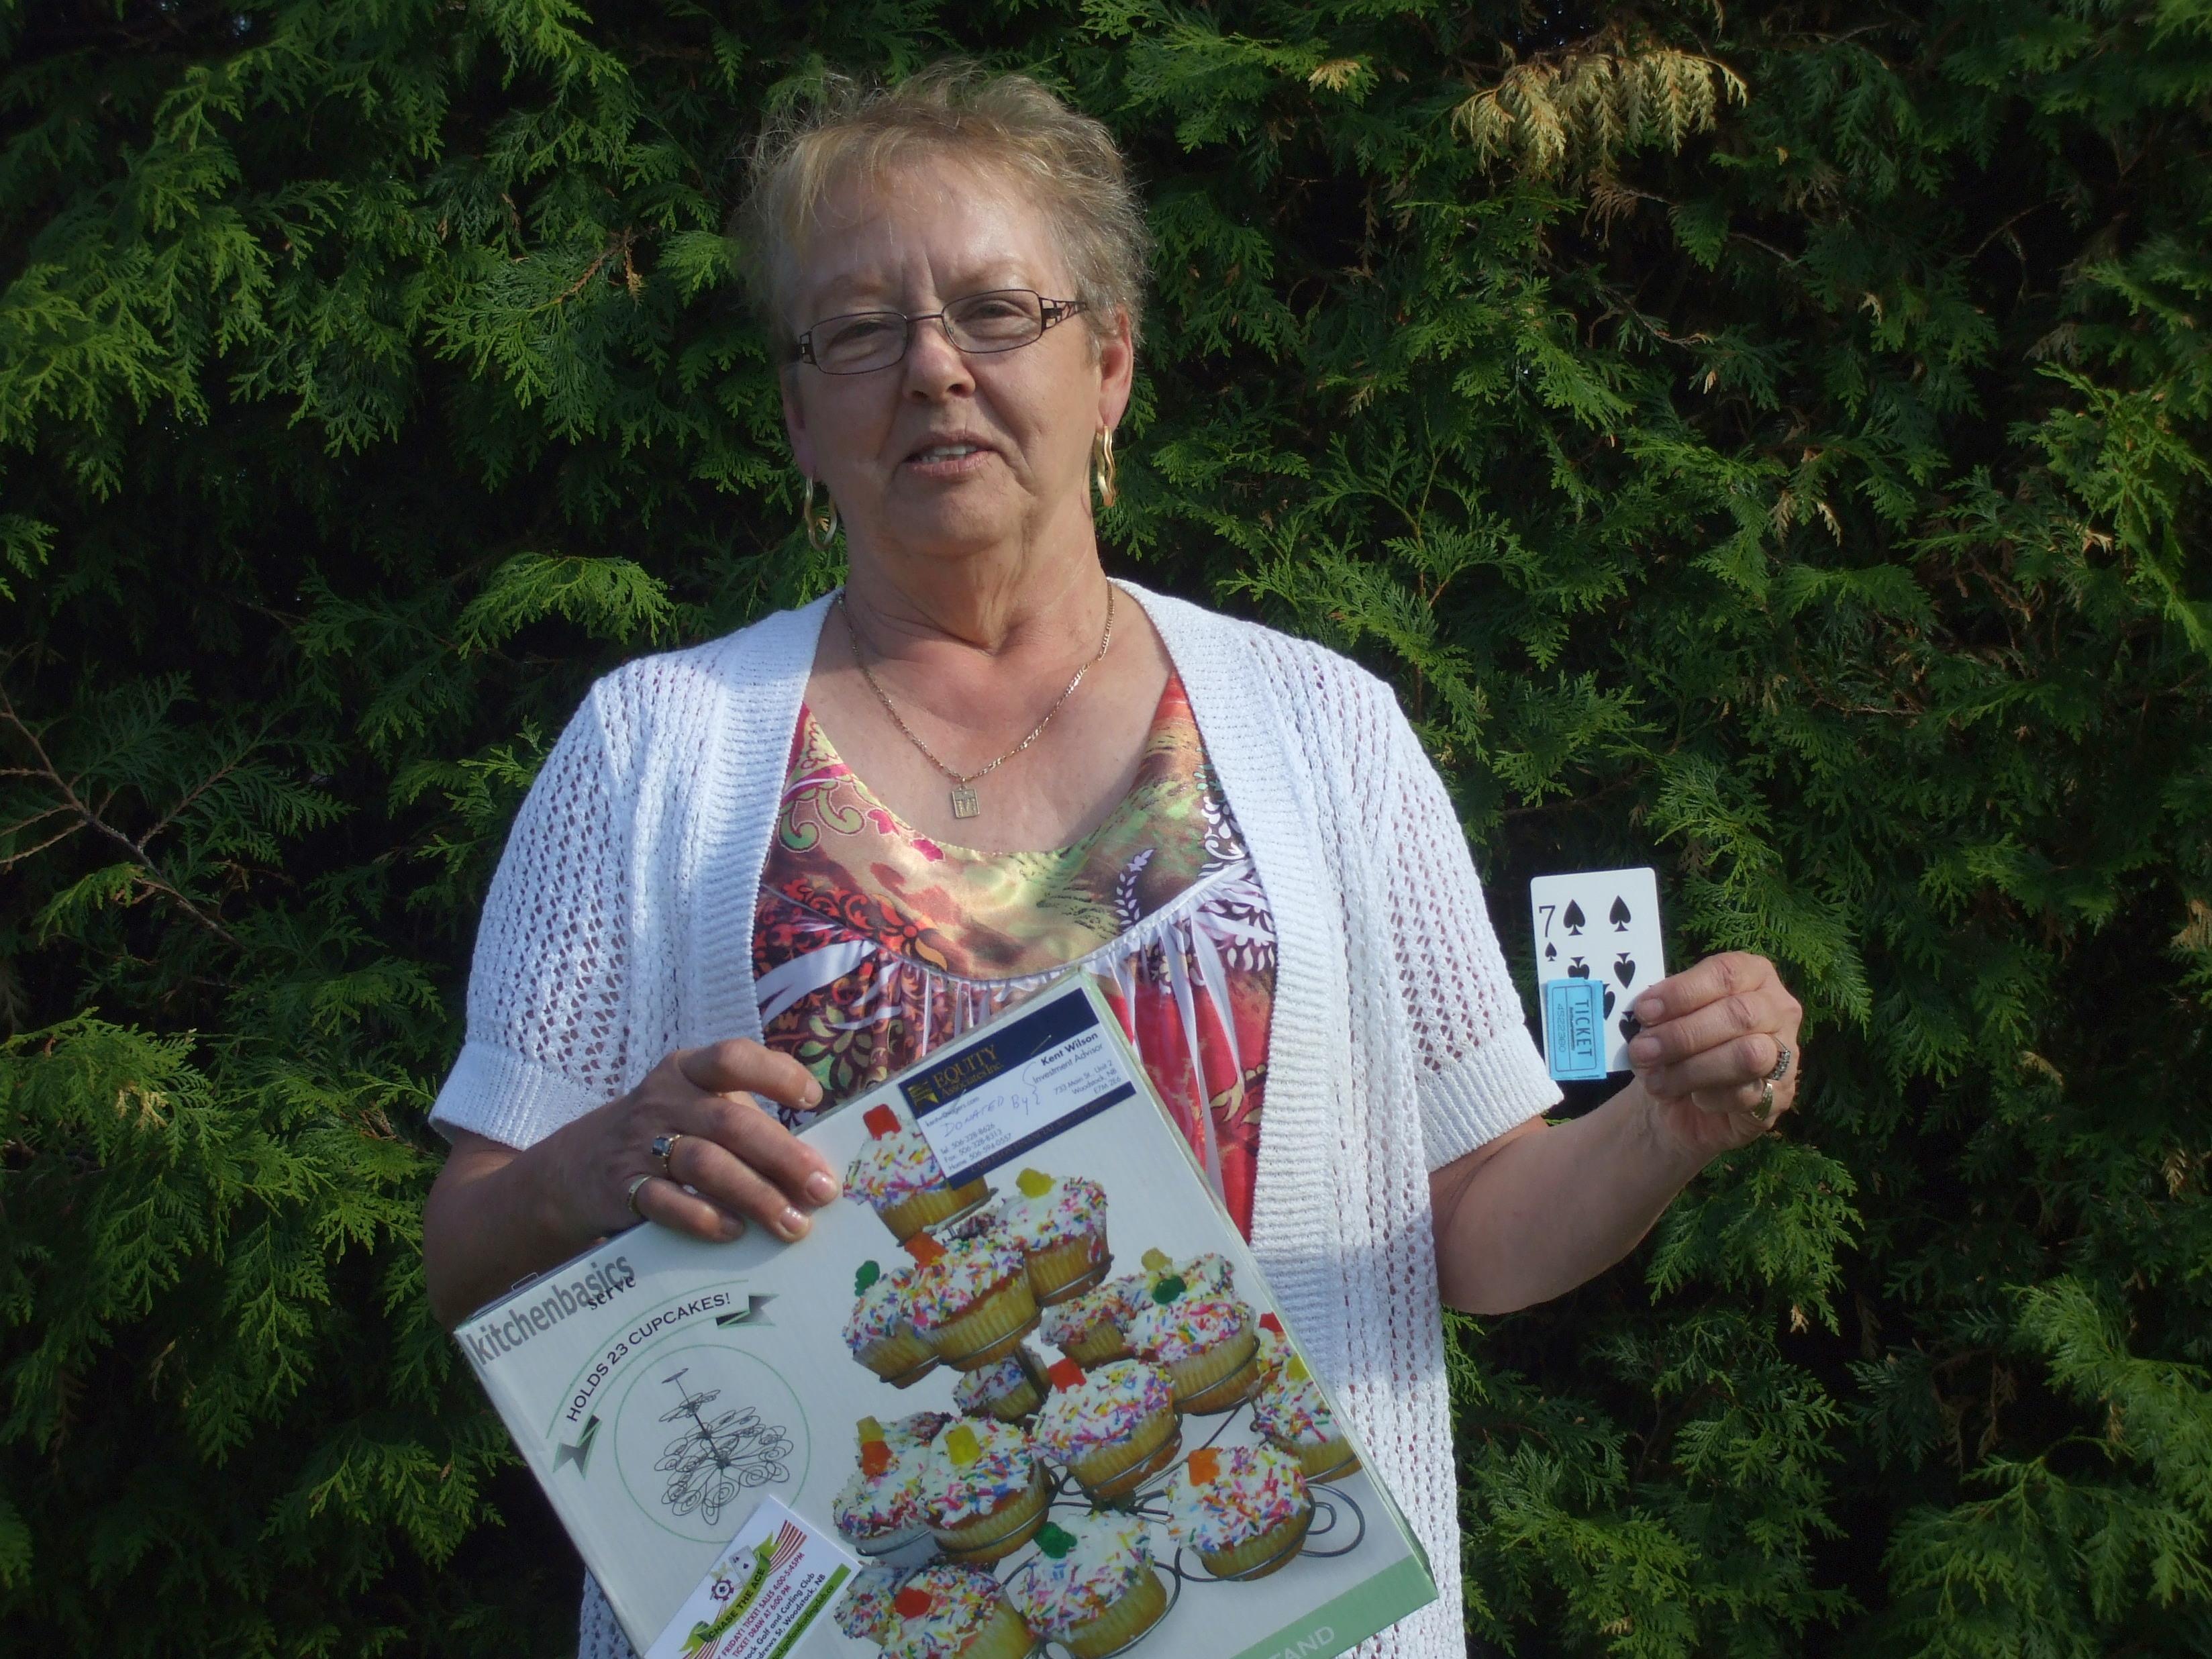 Week 4 Winner - Pauline Pelkey